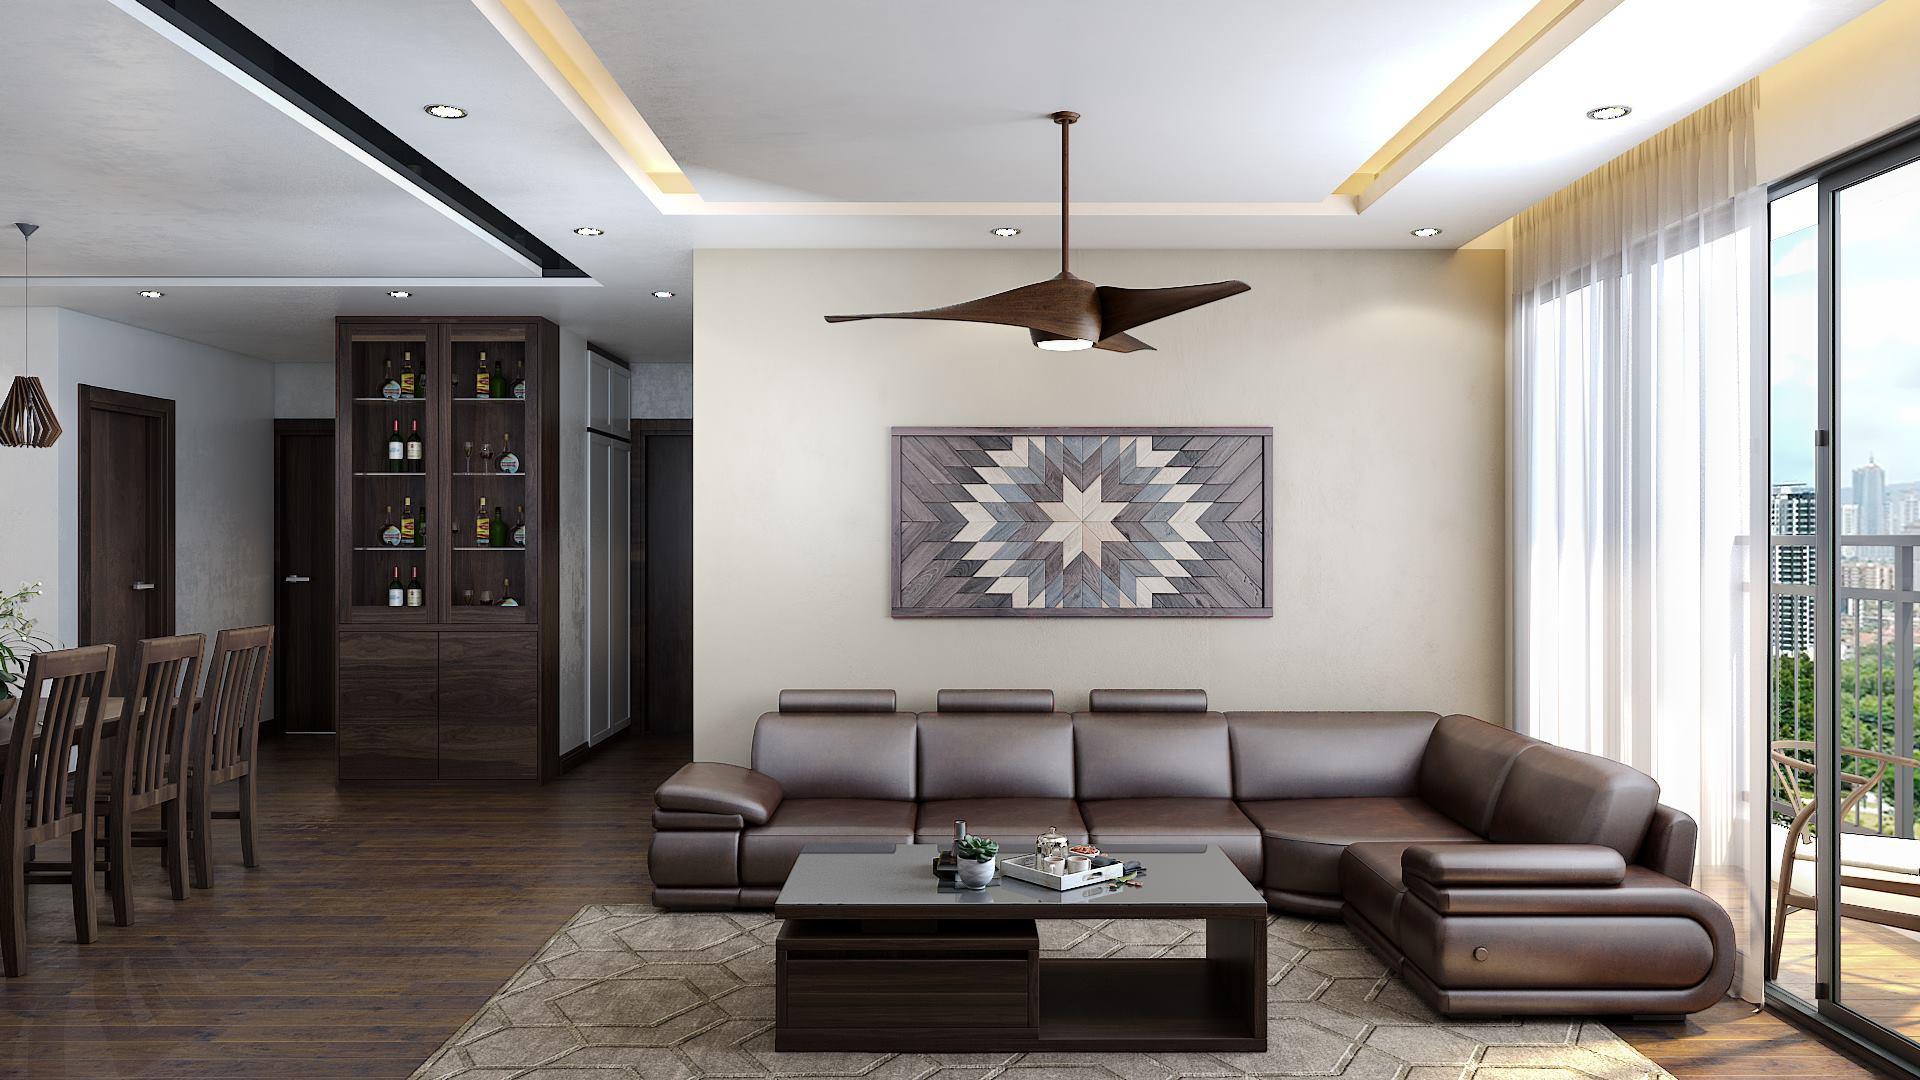 Thiết kế nội thất phòng khách chung cư cổ điển gia đình anh Nhật, Hà Đông